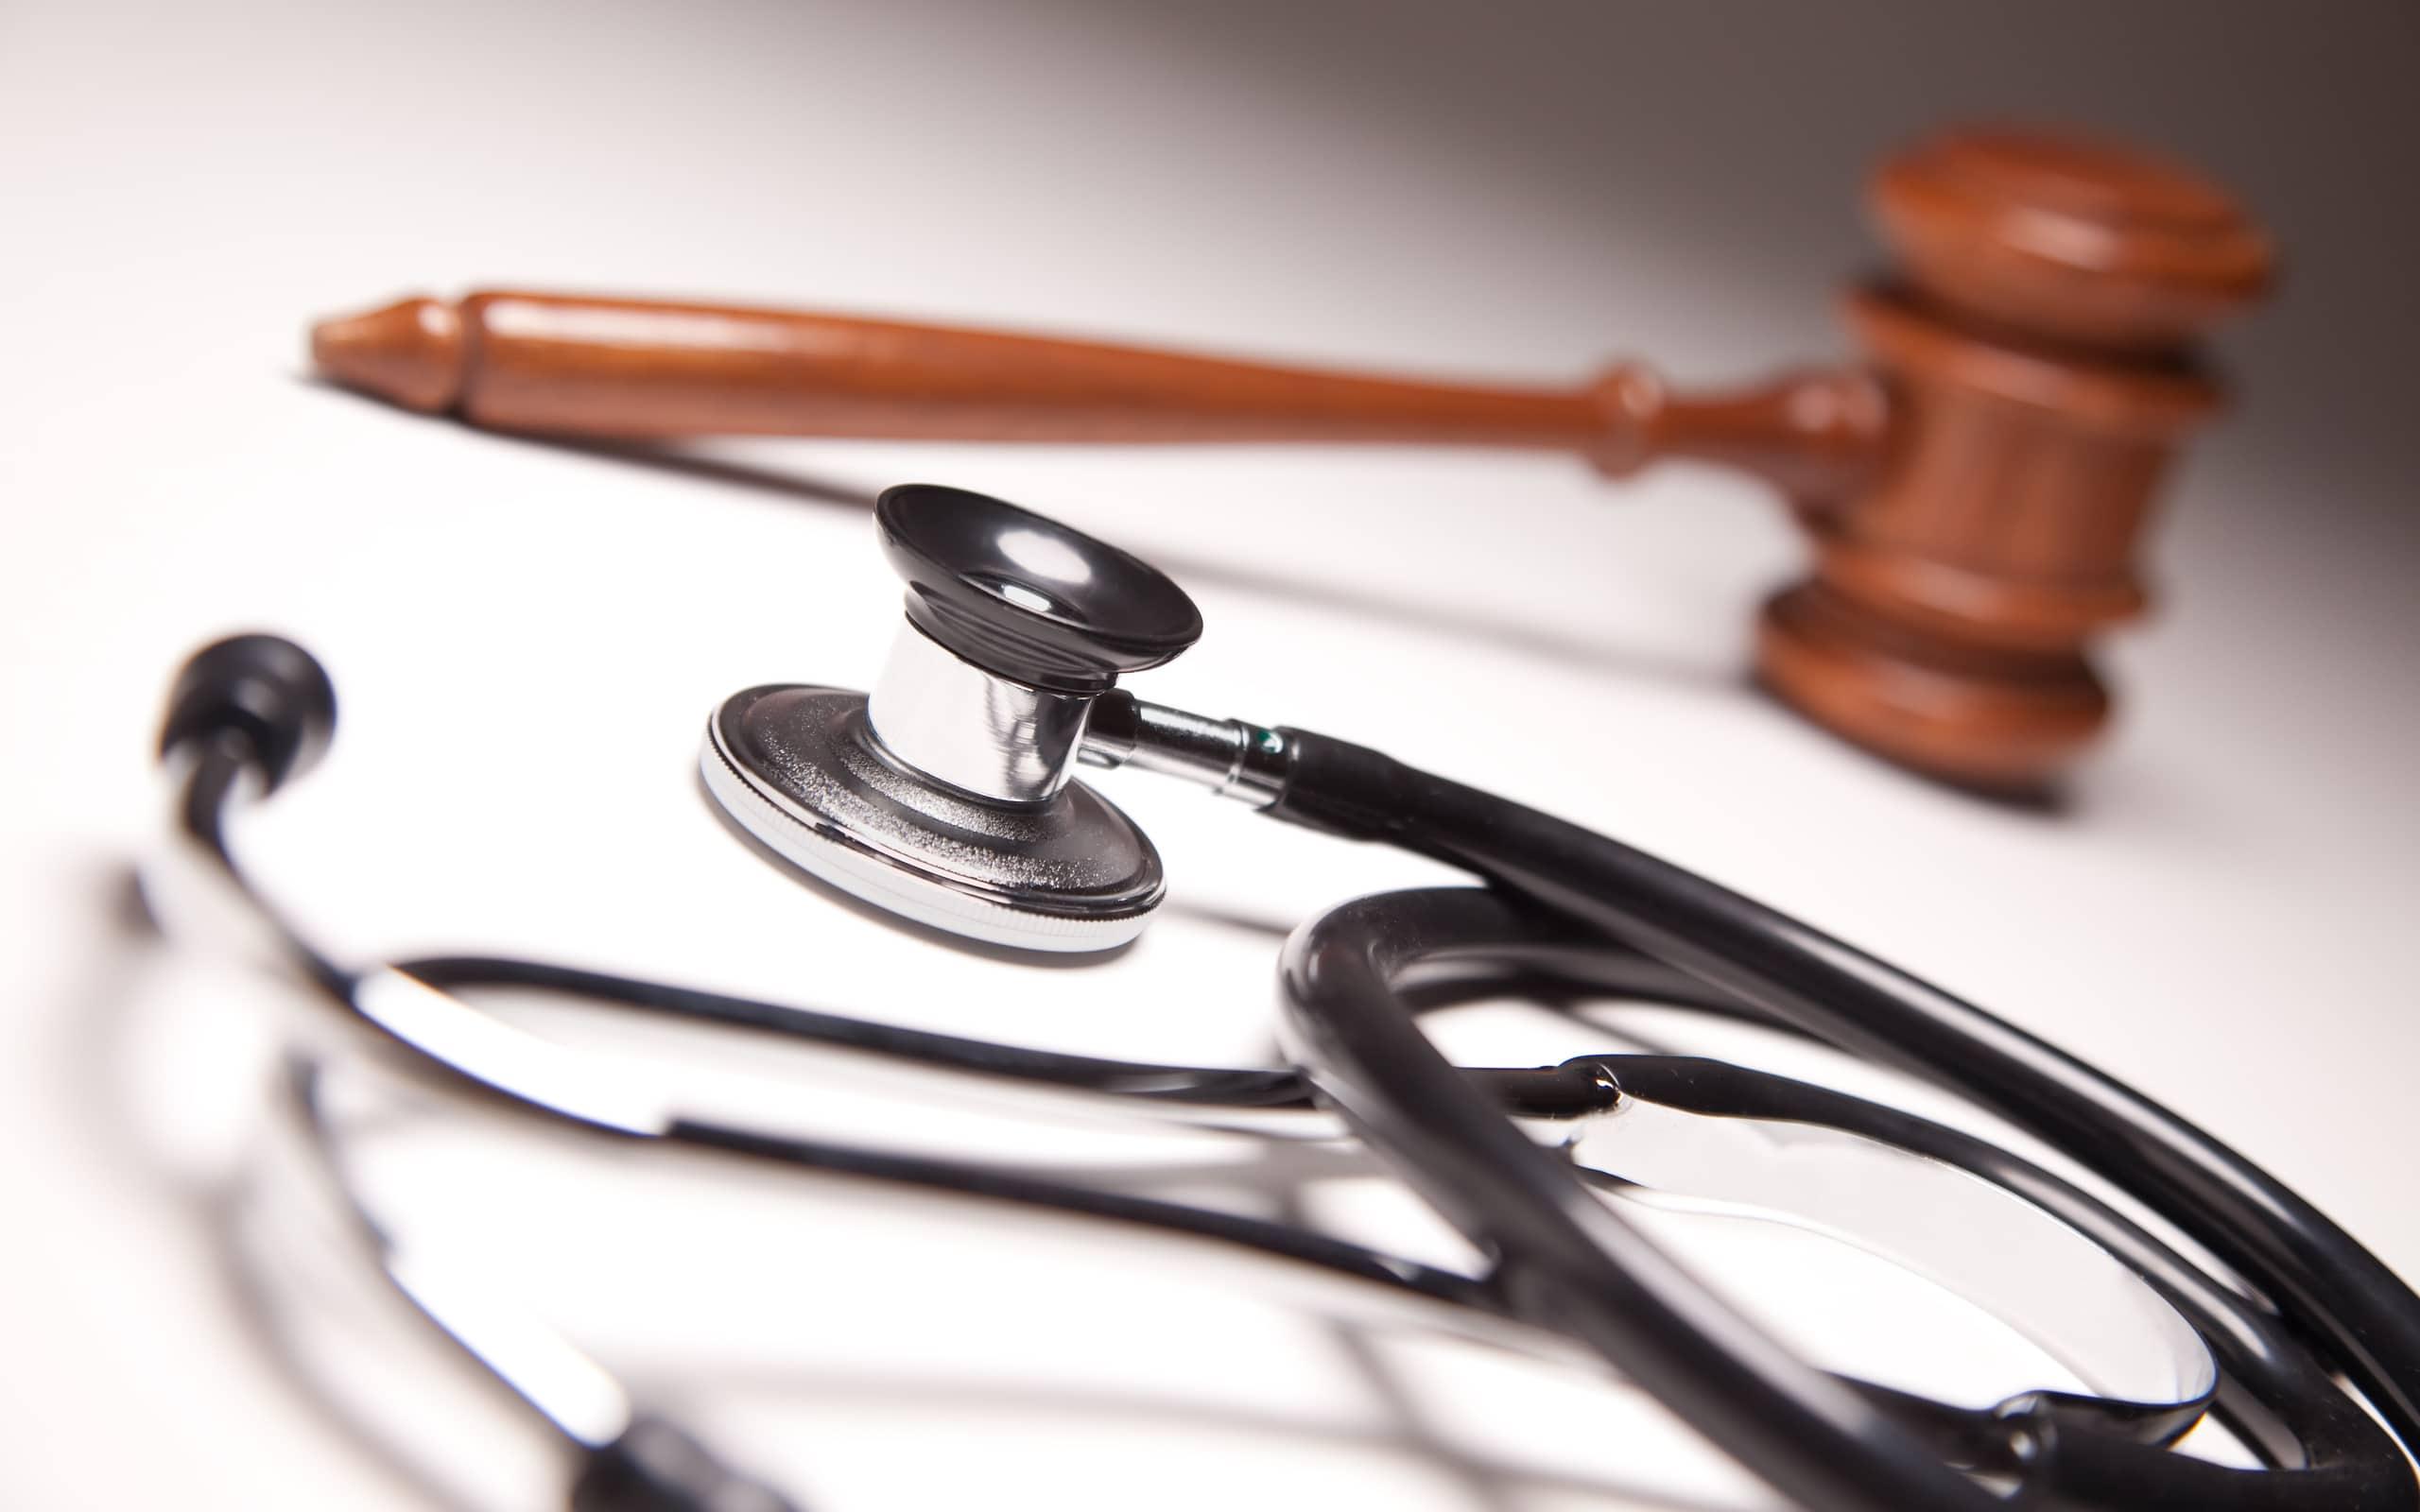 Нужны не новые уголовные статьи, а страхование ответственности врача, принятое во всем мире